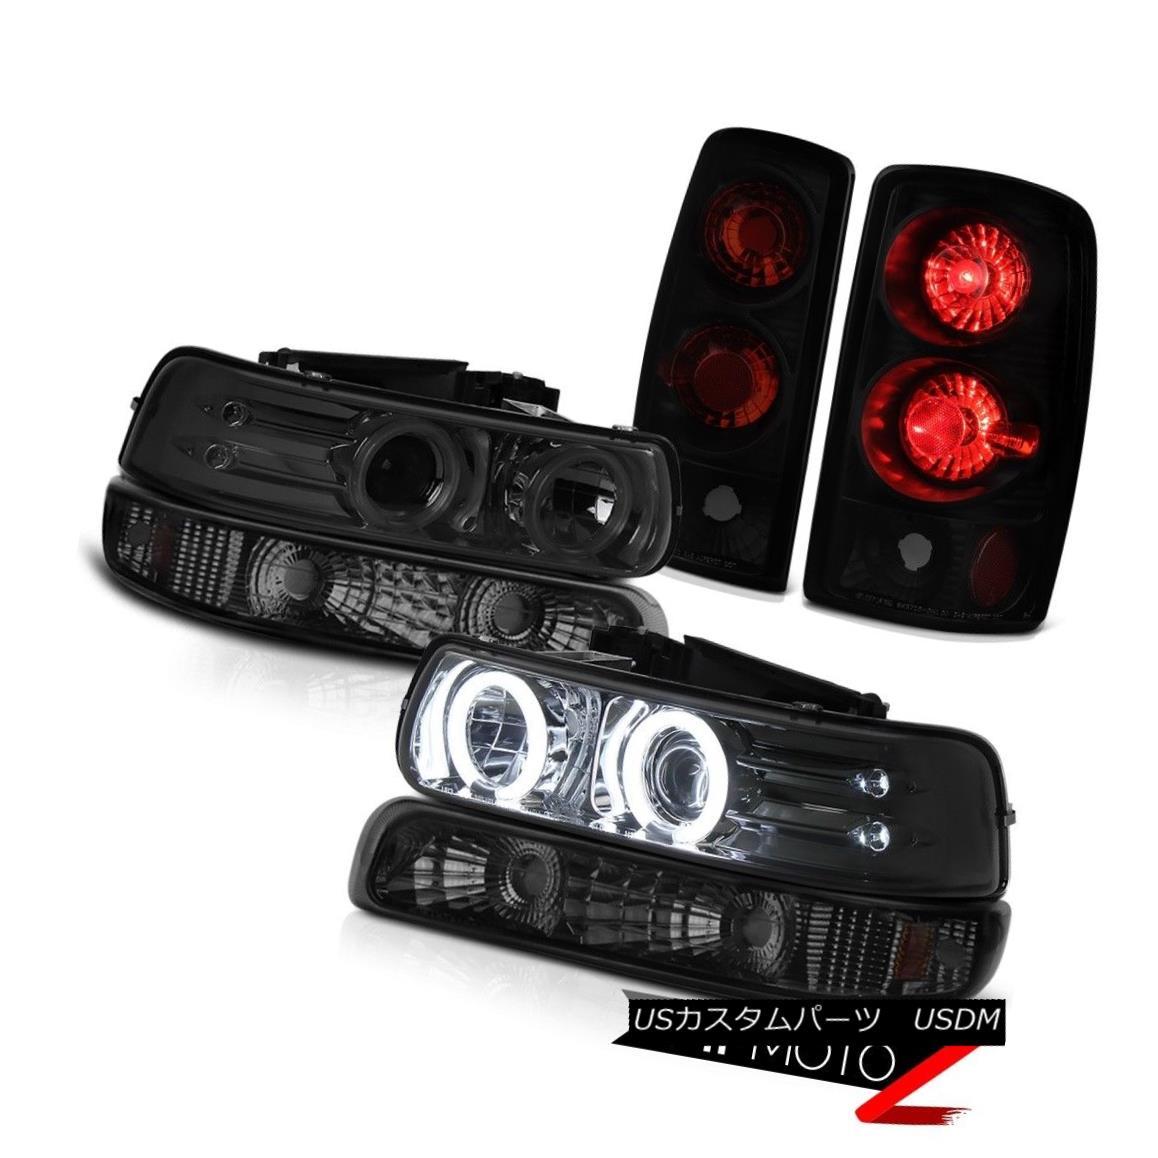 テールライト Angel Eye CCFL Headlight Smoke+Black Brake Lights 00 01 02 03 04 05 06 Tahoe Z71 エンジェルアイCCFLヘッドライトスモーク+ブラックブレーキライト00 01 02 03 04 05 06タホZ71